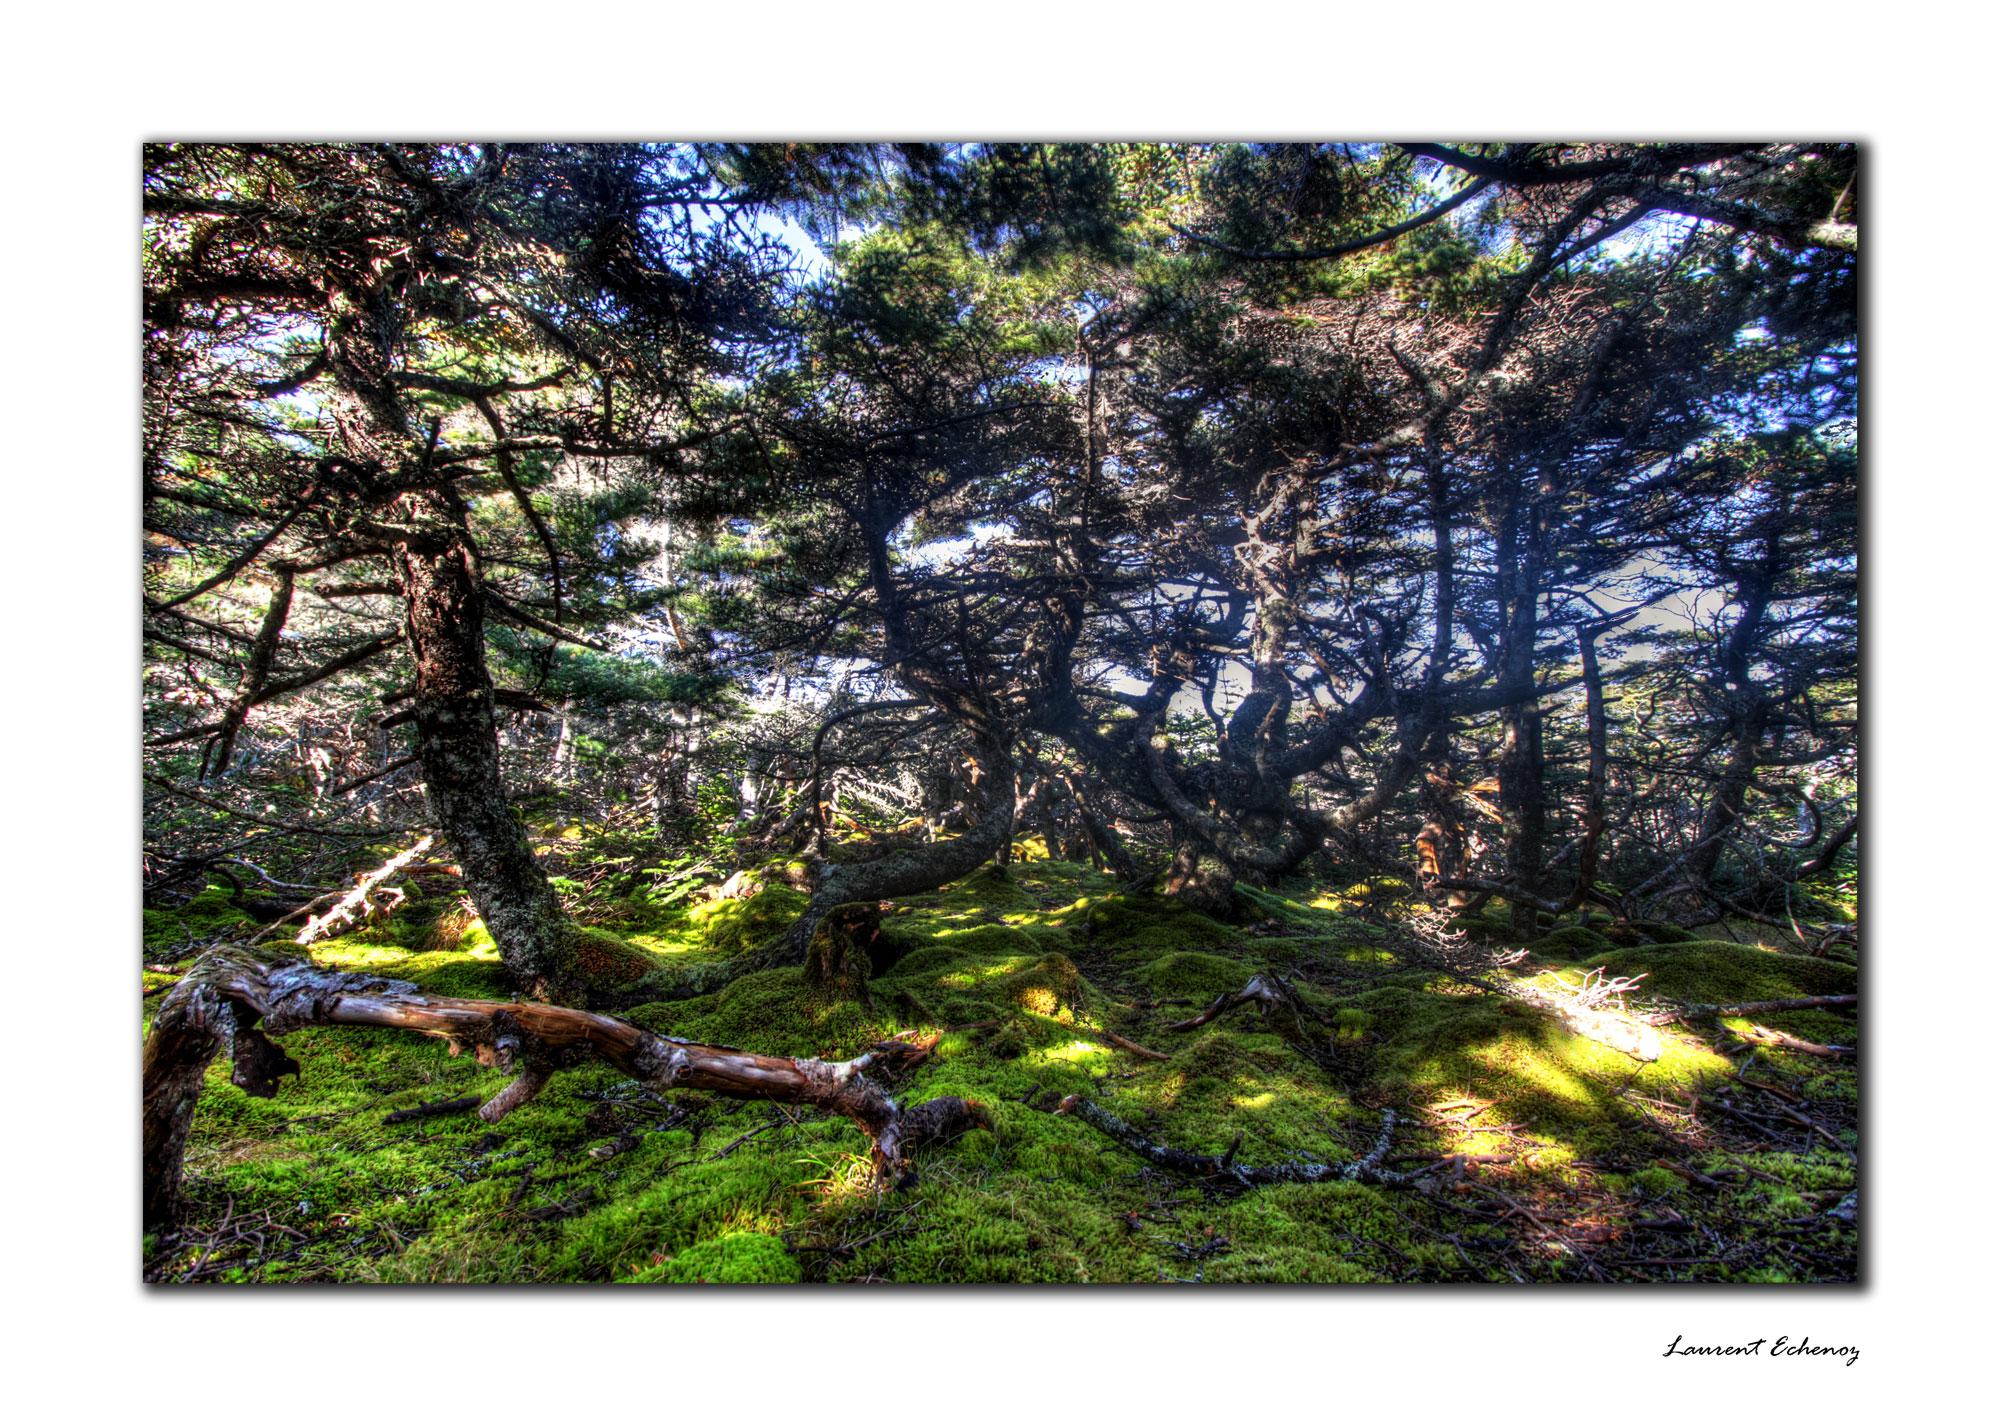 La forêt boréal enchantée